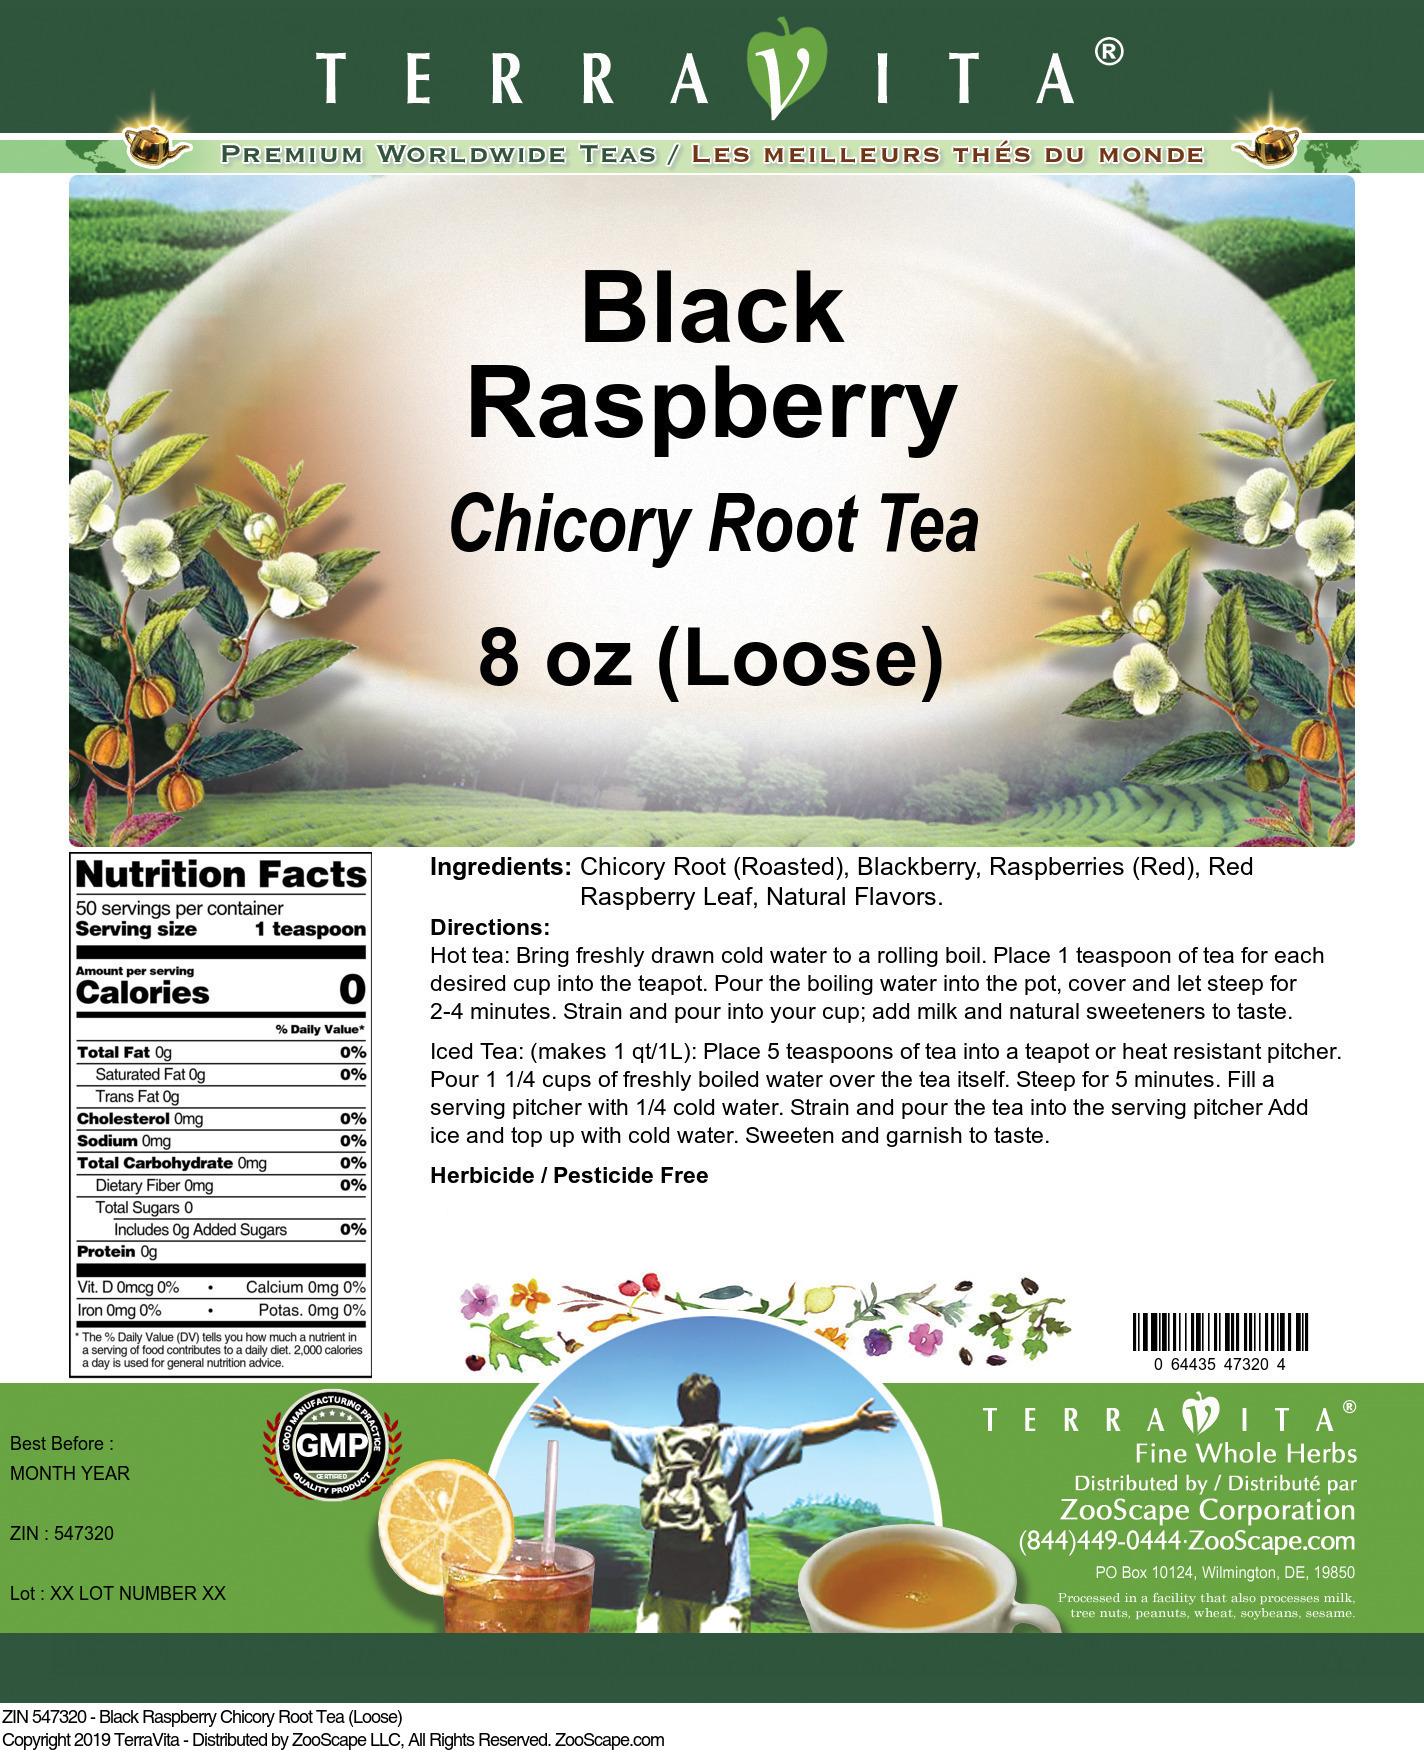 Black Raspberry Chicory Root